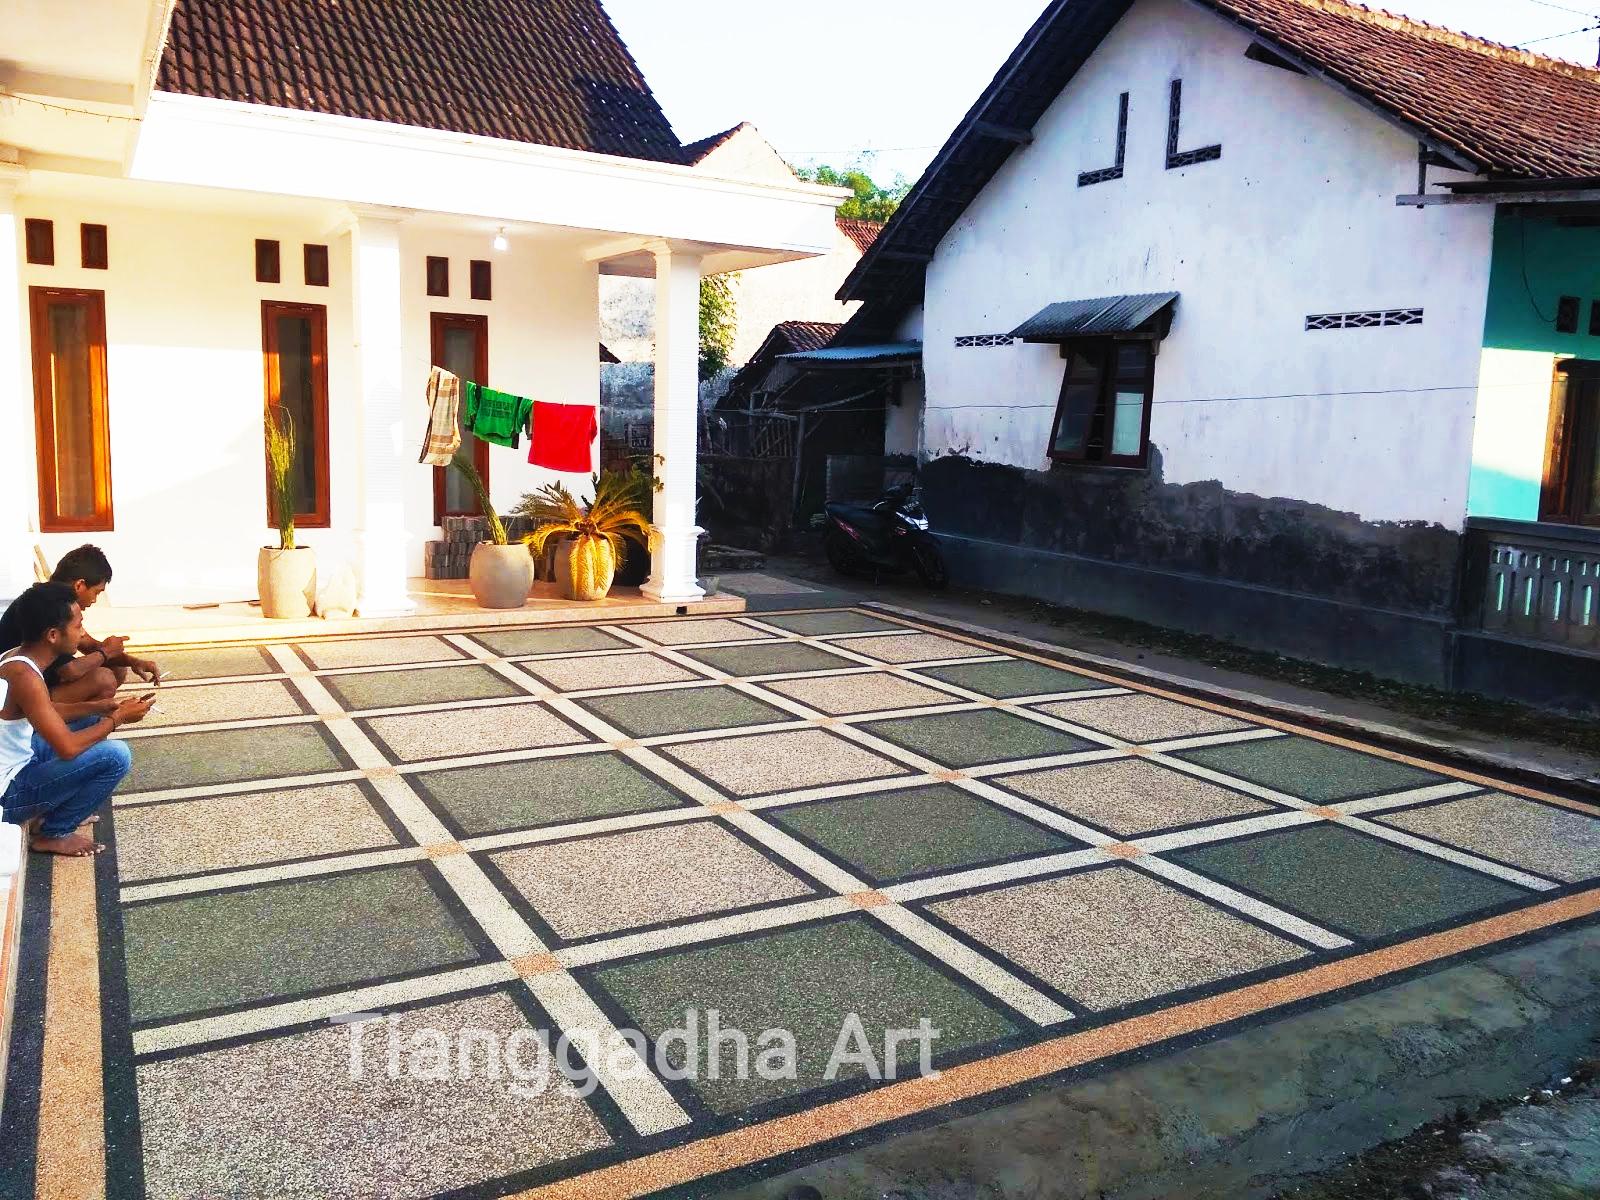 Tukang Batu Sikat Surabaya Dan Jasa Pemasangan Batu Sikat Surabaya